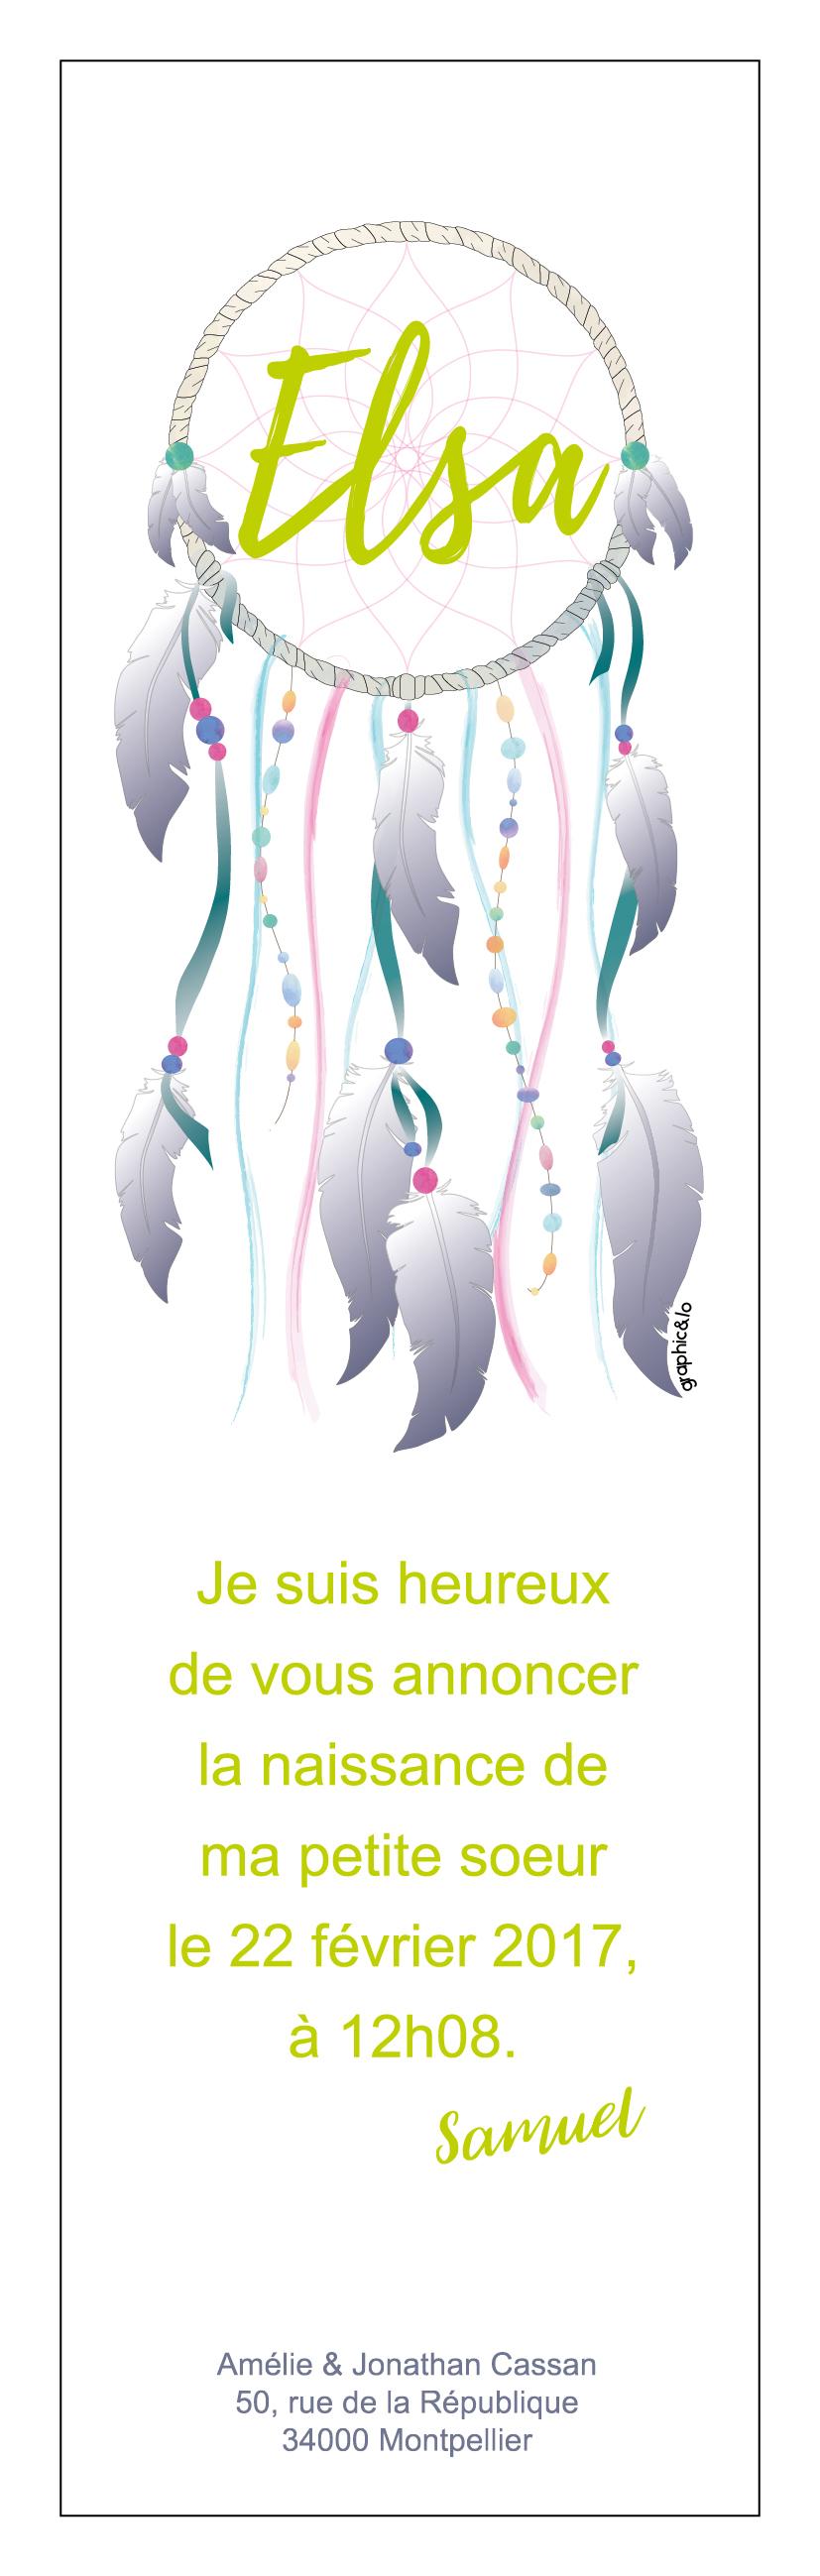 Graphiste-Montpellier-26, faire-part-naissance, papeterie-personnalisable, naissance, faire-part, faire-part-sur-mesure